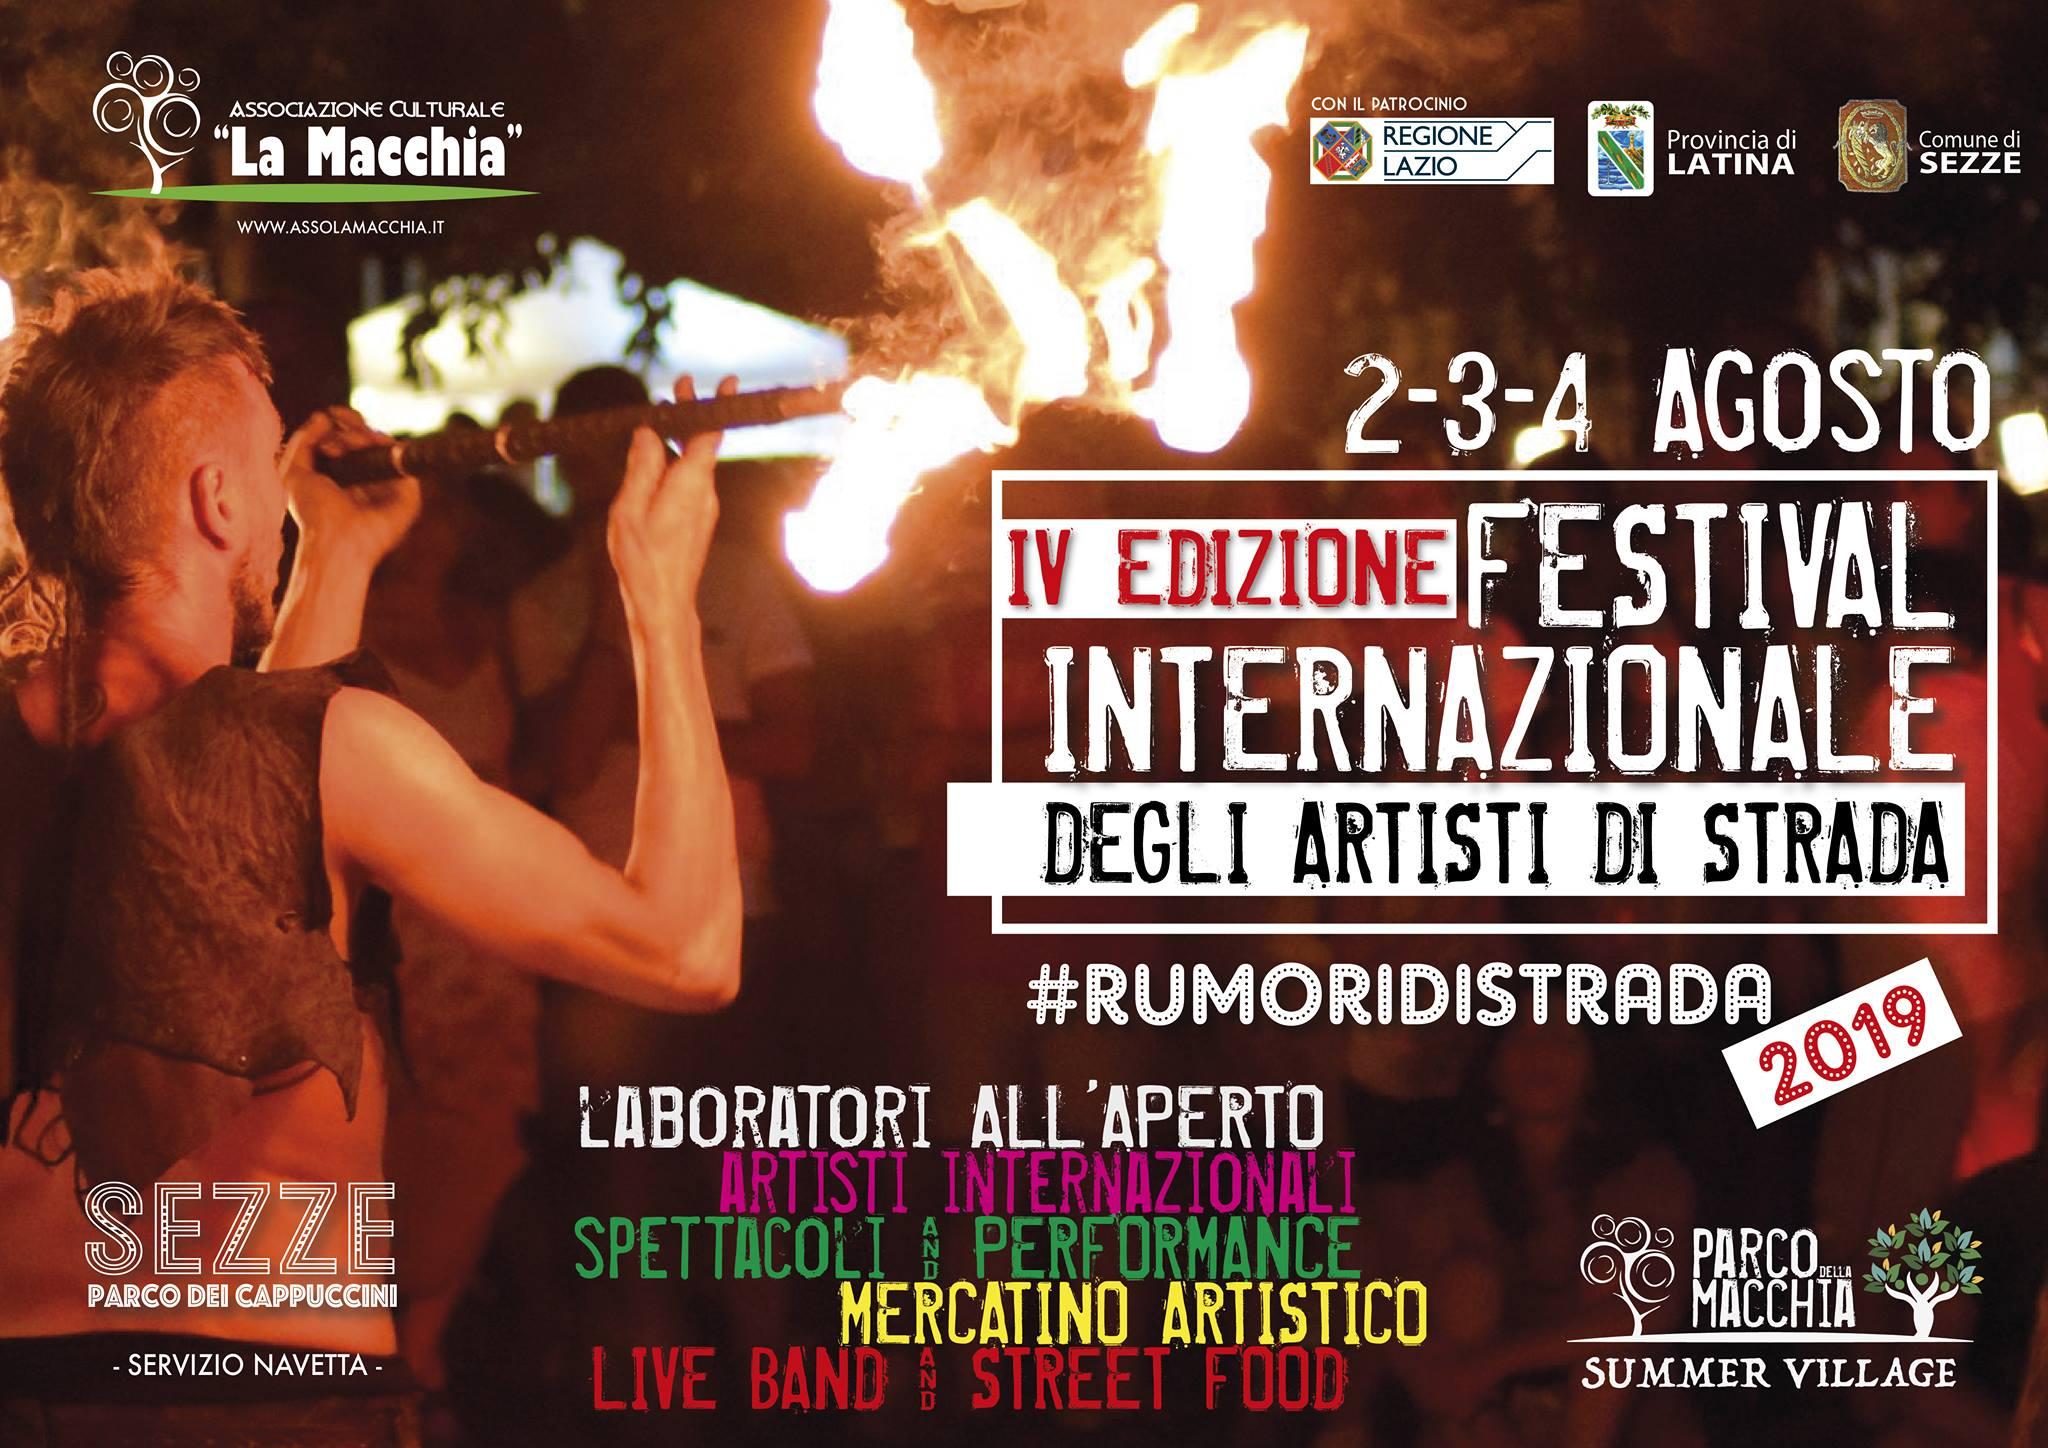 Sezze: Festival Internazionale degli artisti di strada @ Parco dei cappuccini | Sezze | Lazio | Italia